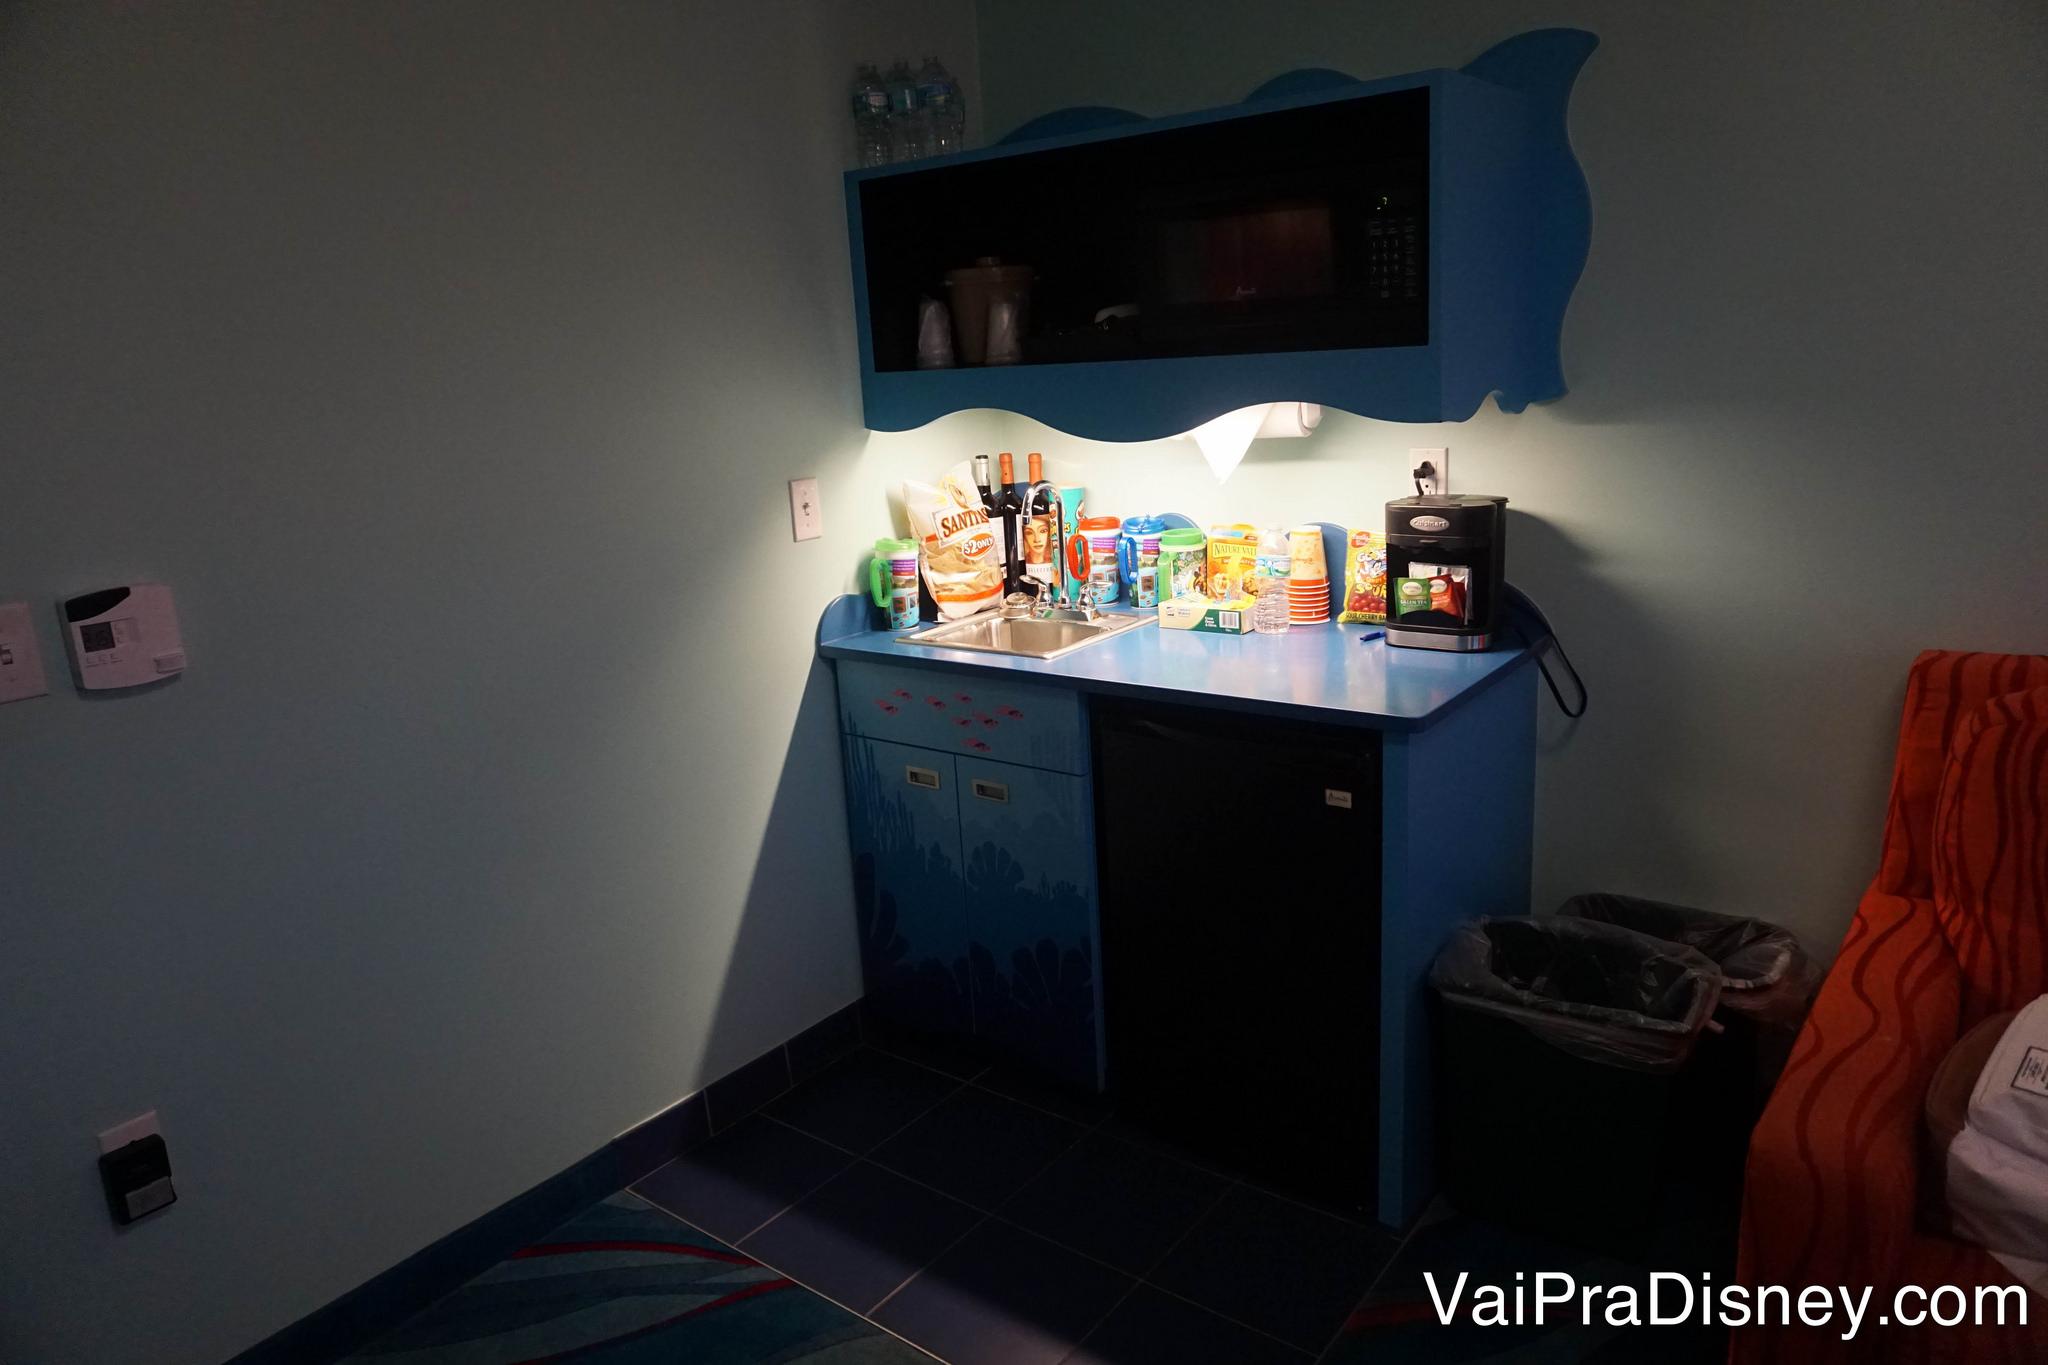 Foto das canecas na bancada da cozinha no quarto do Art of Animation.